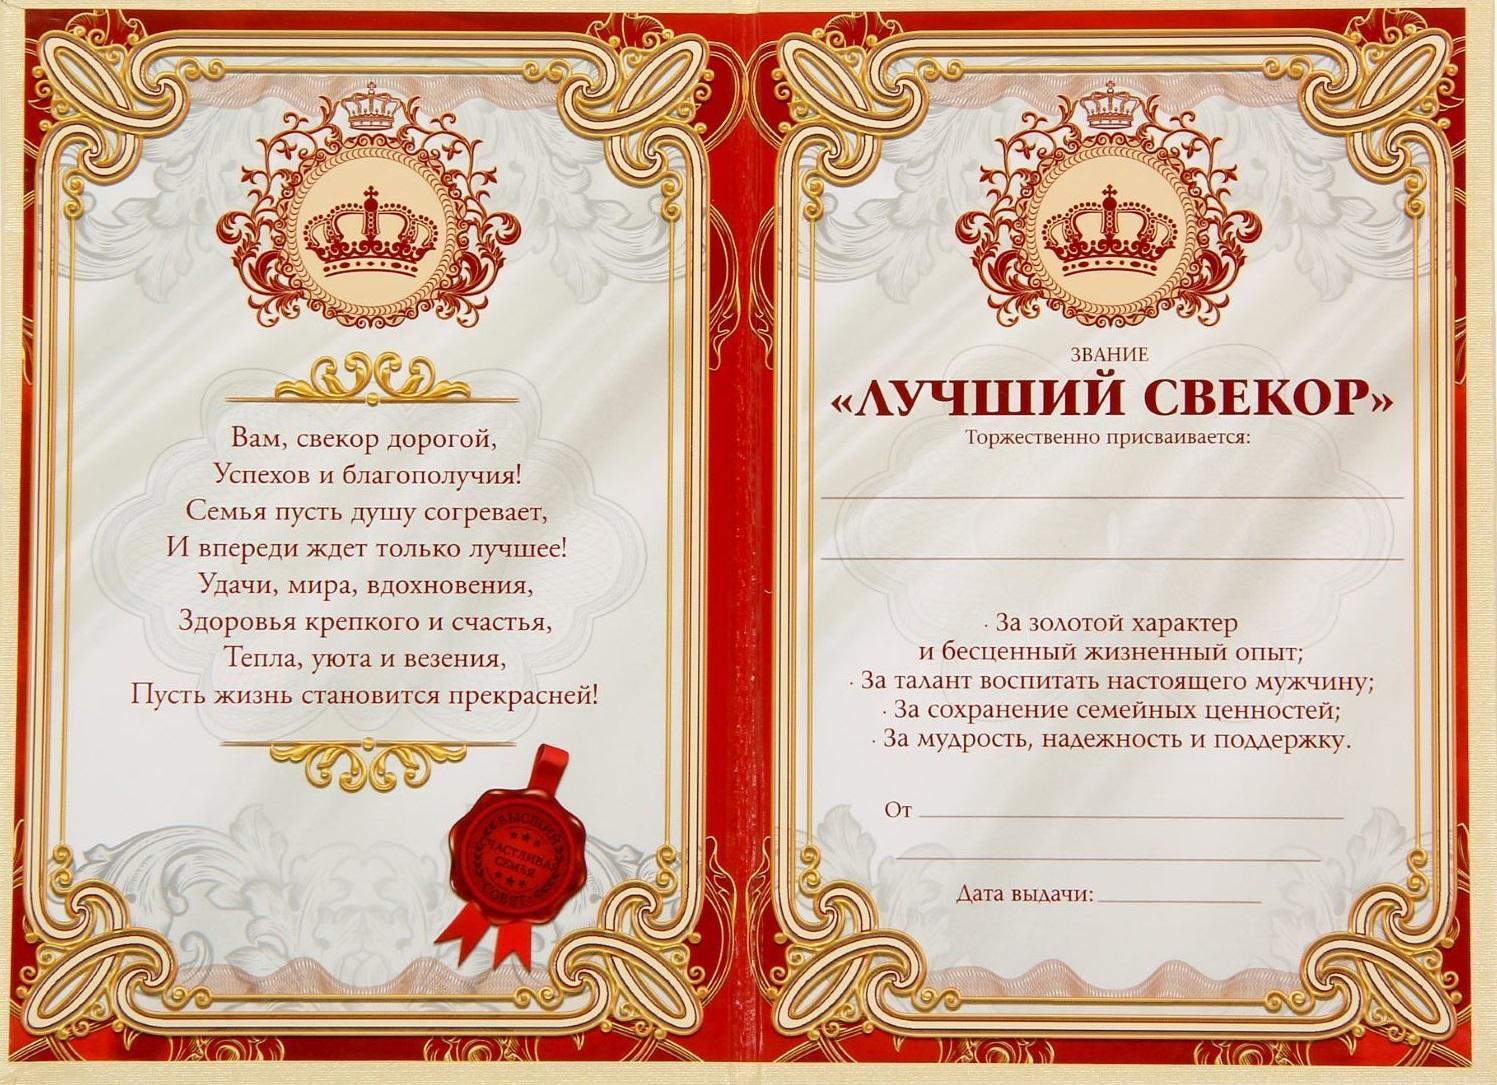 Печать грамот и дипломов свекру в Москве   фото 2